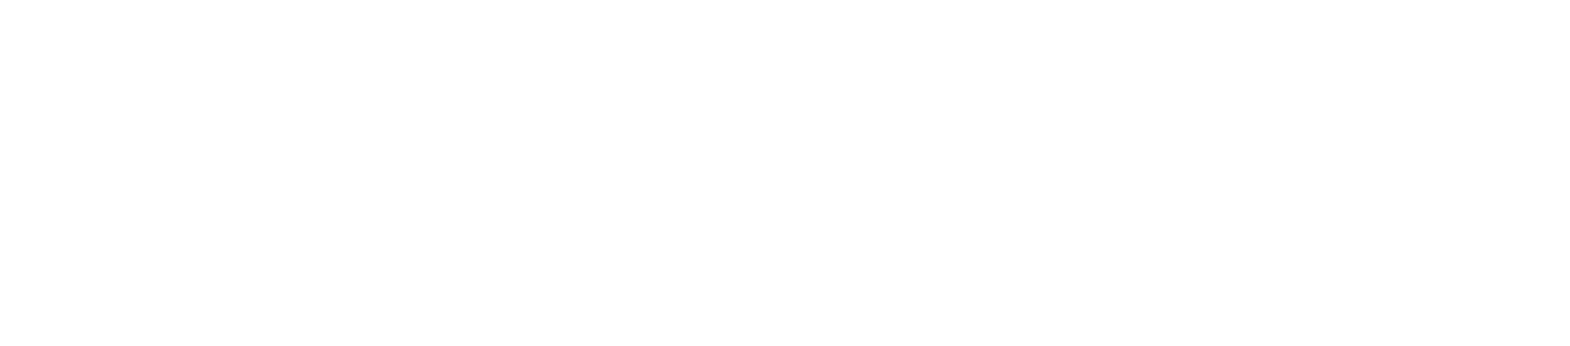 【会員限定】10,000 マイルボーナスキャンペーン